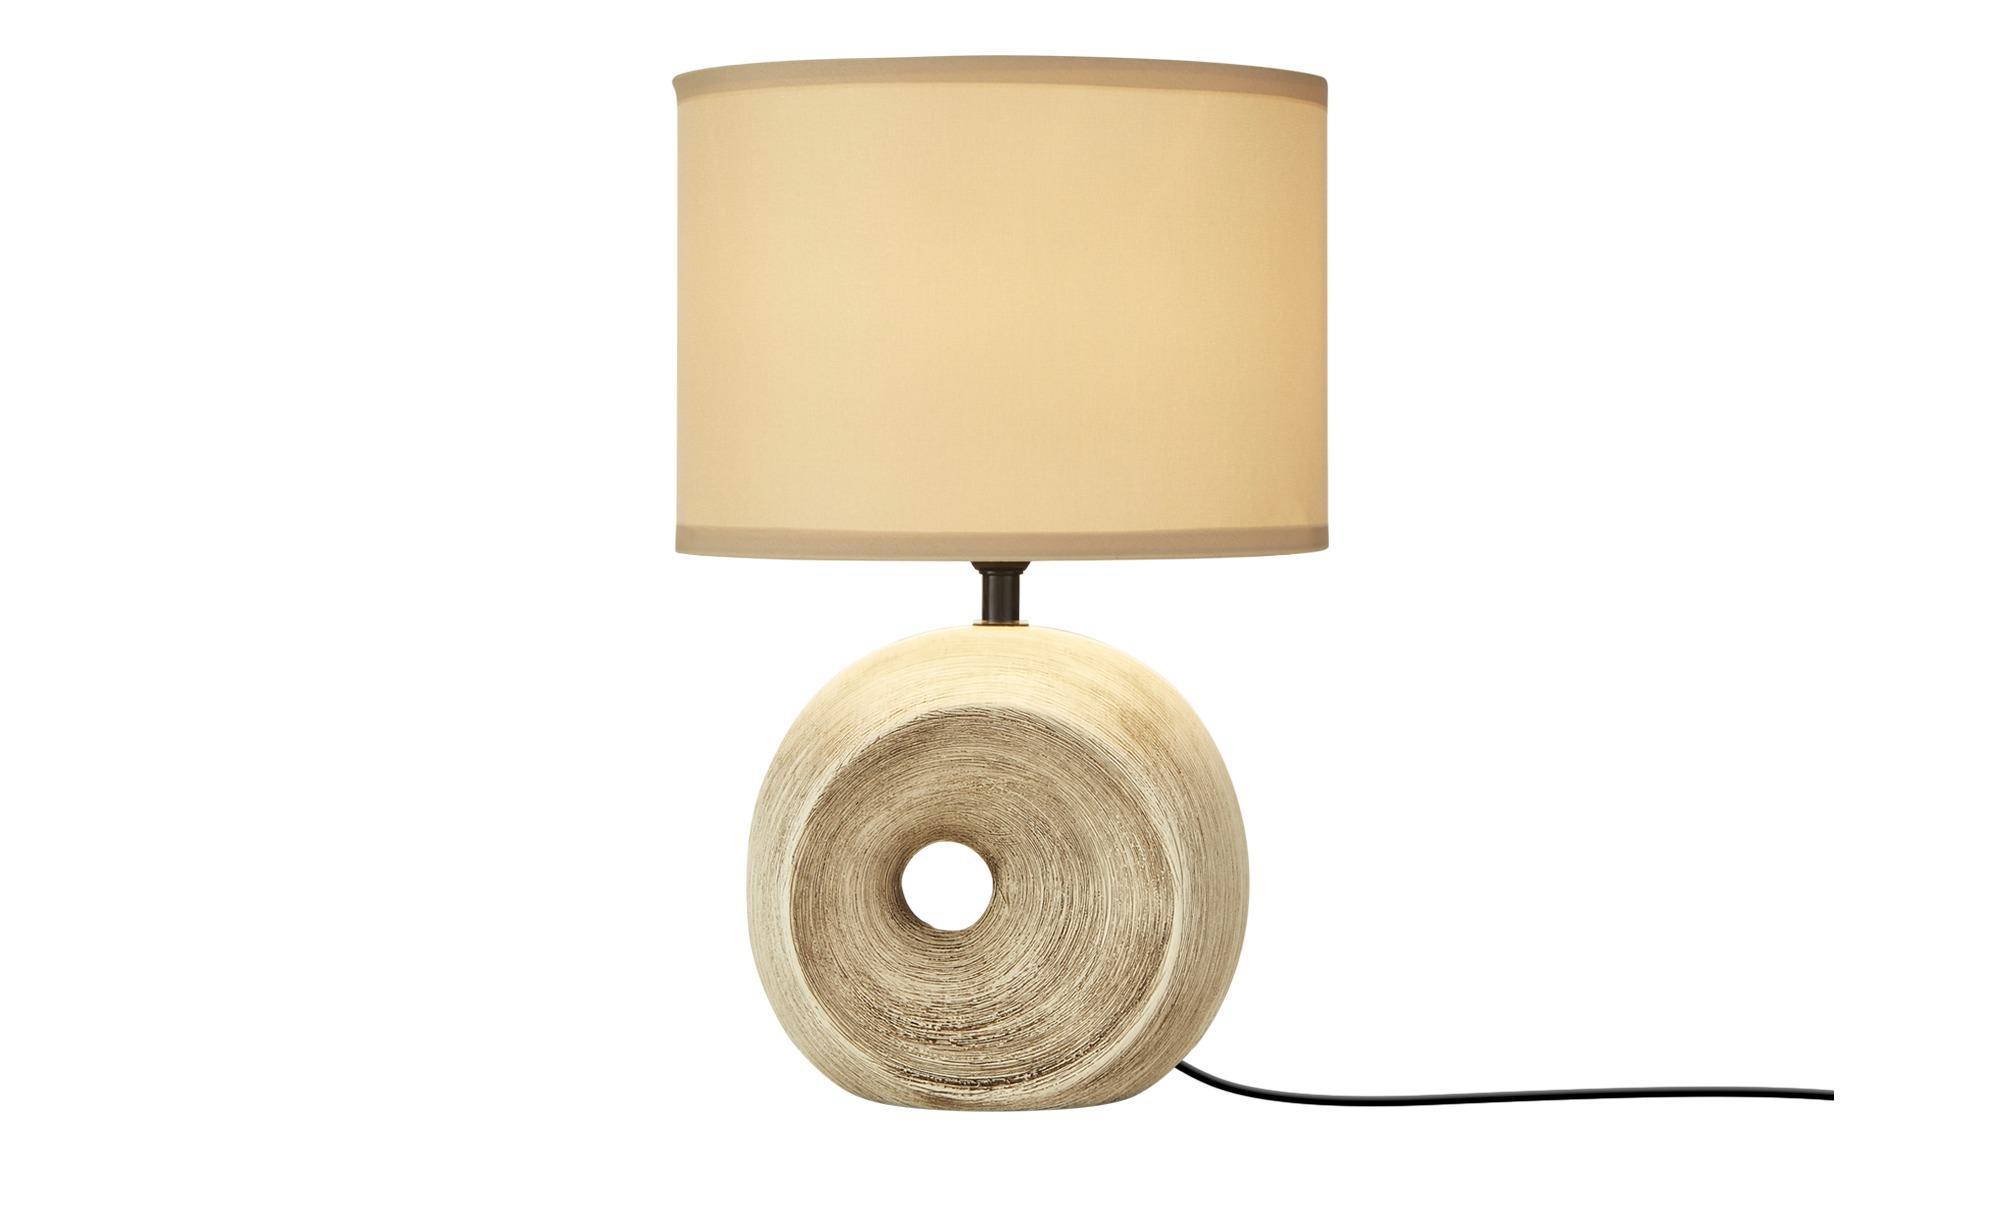 Keramik-Tischleuchte, 1-flammig ¦ braun ¦ Maße (cm): H: 35 Lampen & Leuchten > Innenleuchten > Tischlampen - Höffner